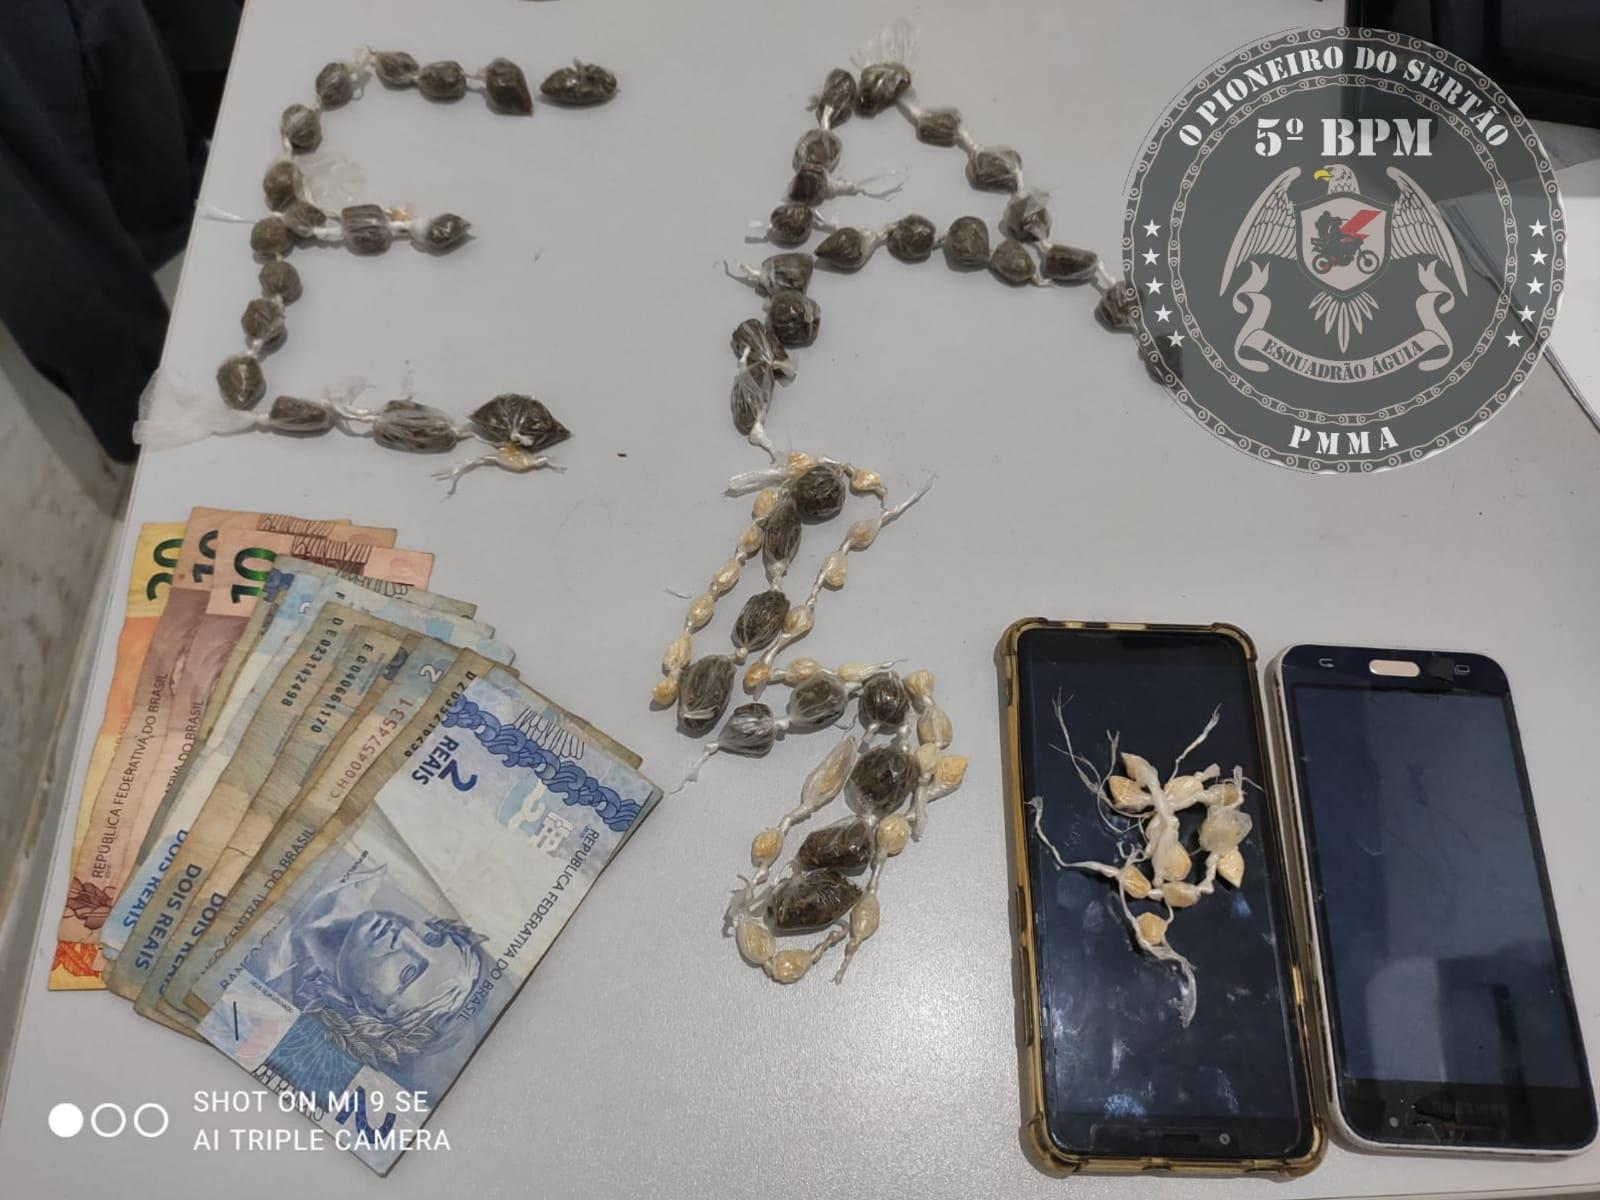 Policia Militar prende suspeito de tráfico de drogas em Barra do Corda